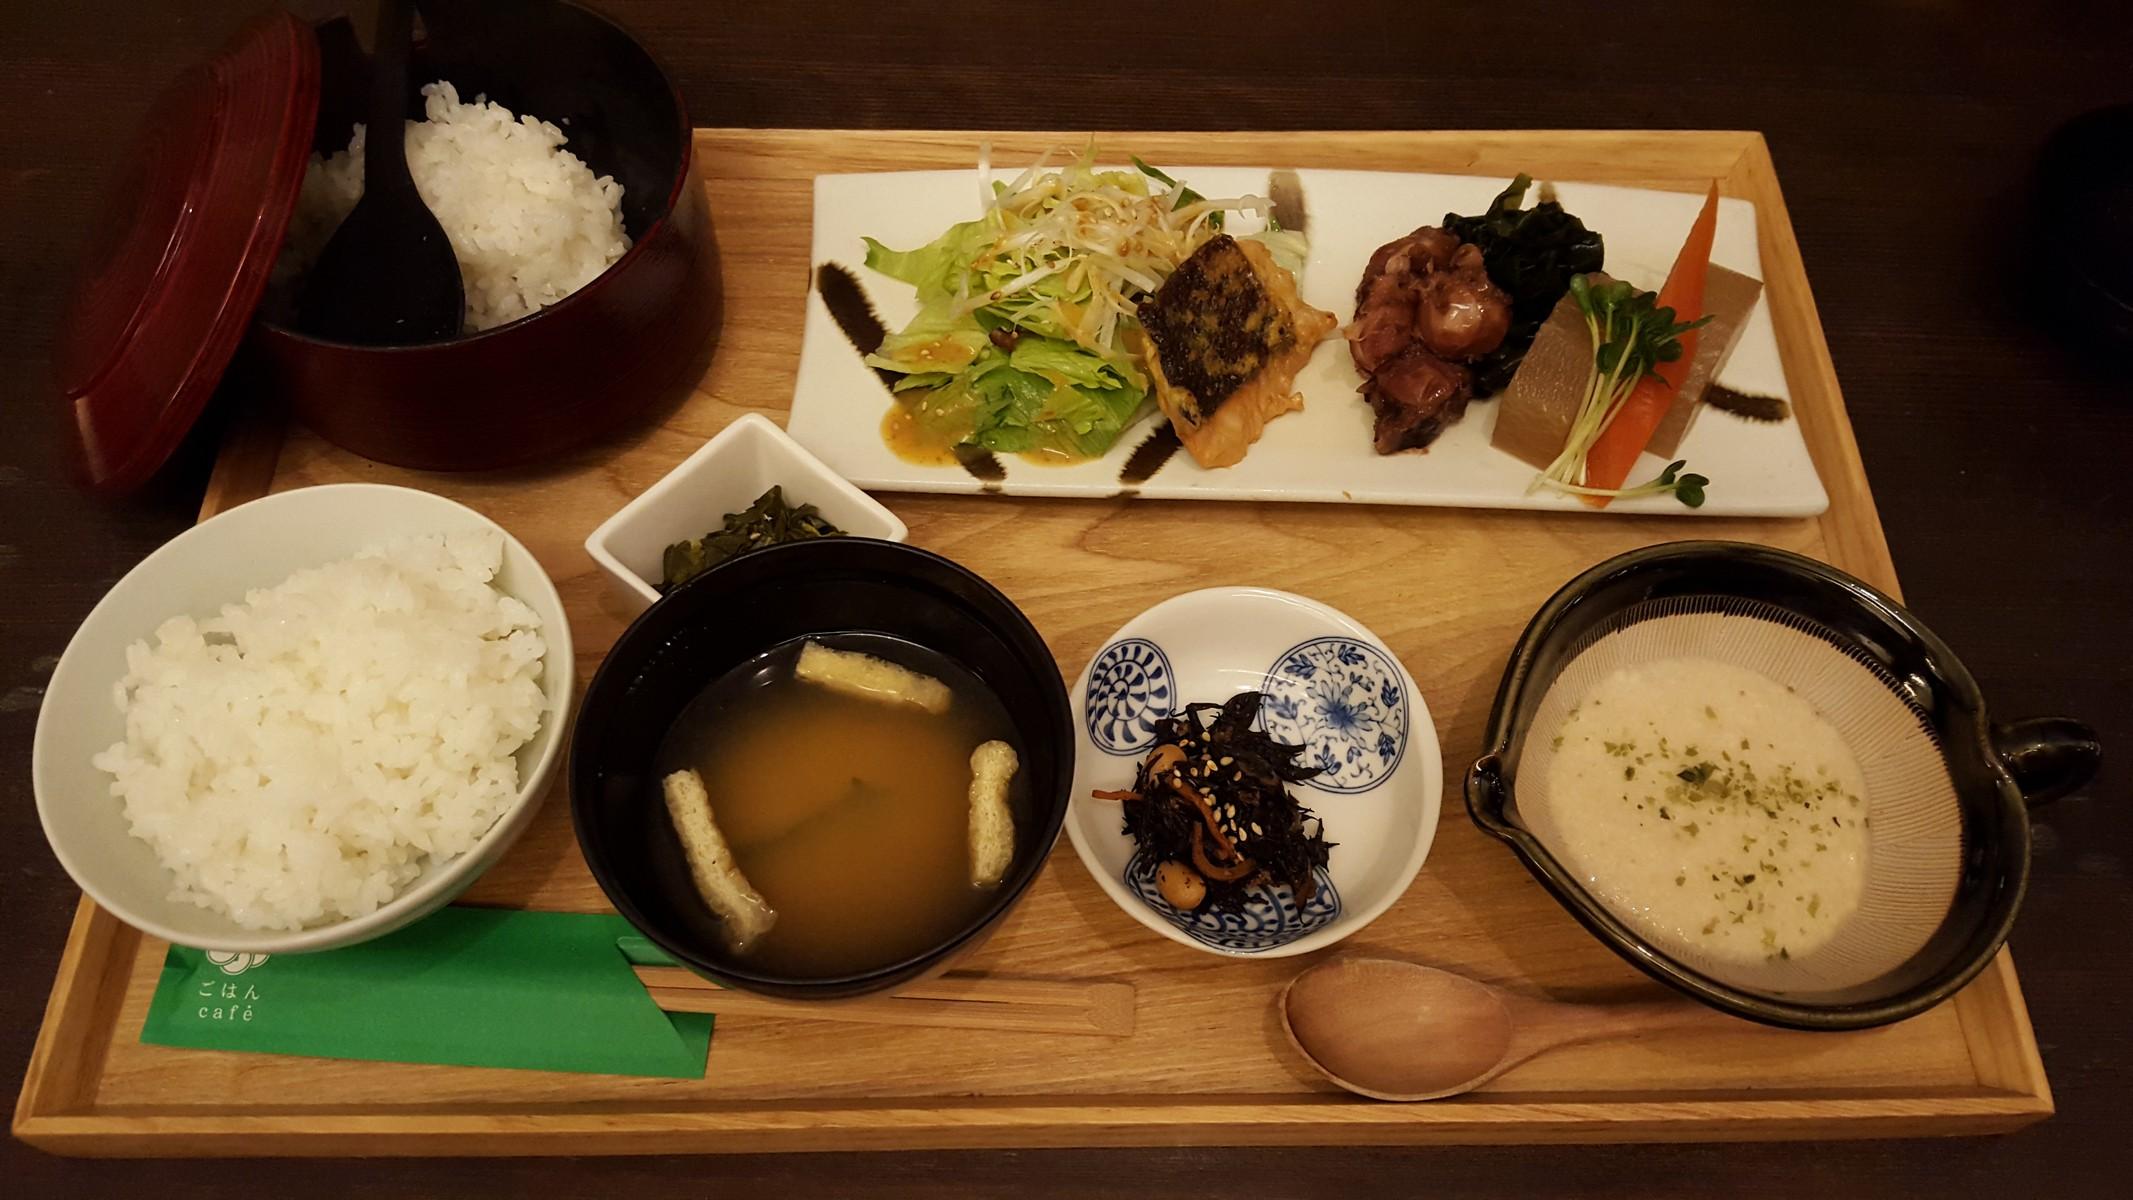 鮭の西京焼と煮物膳【ごはんcafe/日比谷】